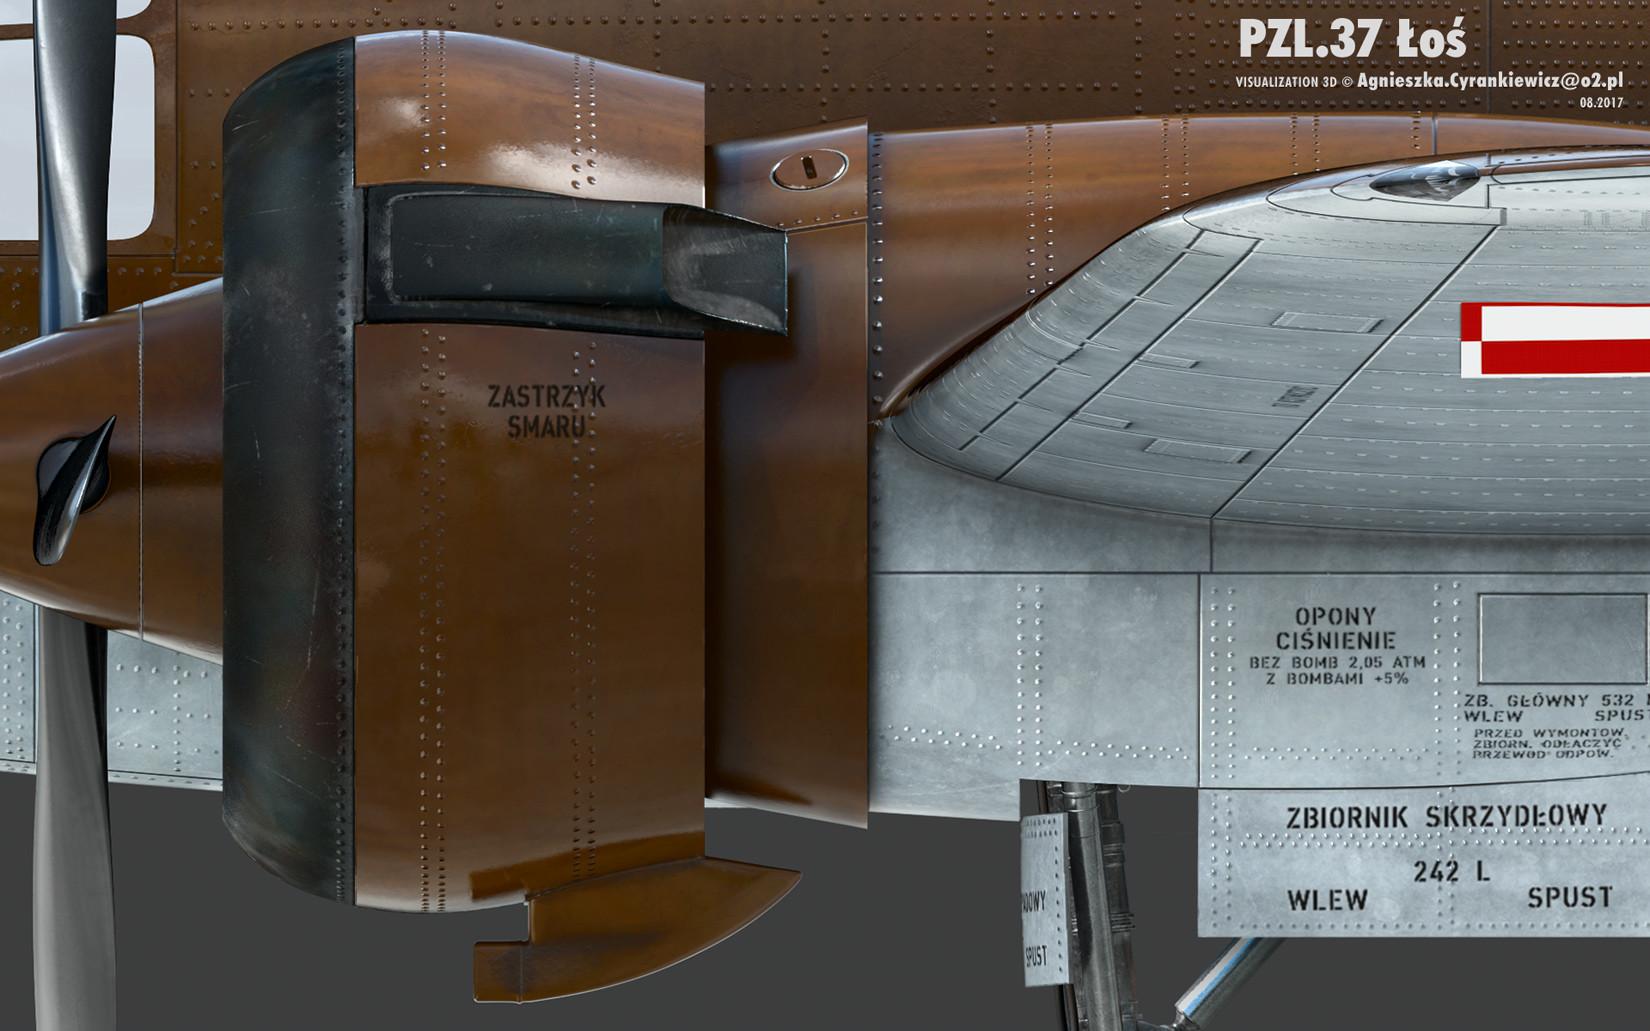 PZL 37B II, Łoś, Polskie Zakłady Lotnicze, PZL37BII